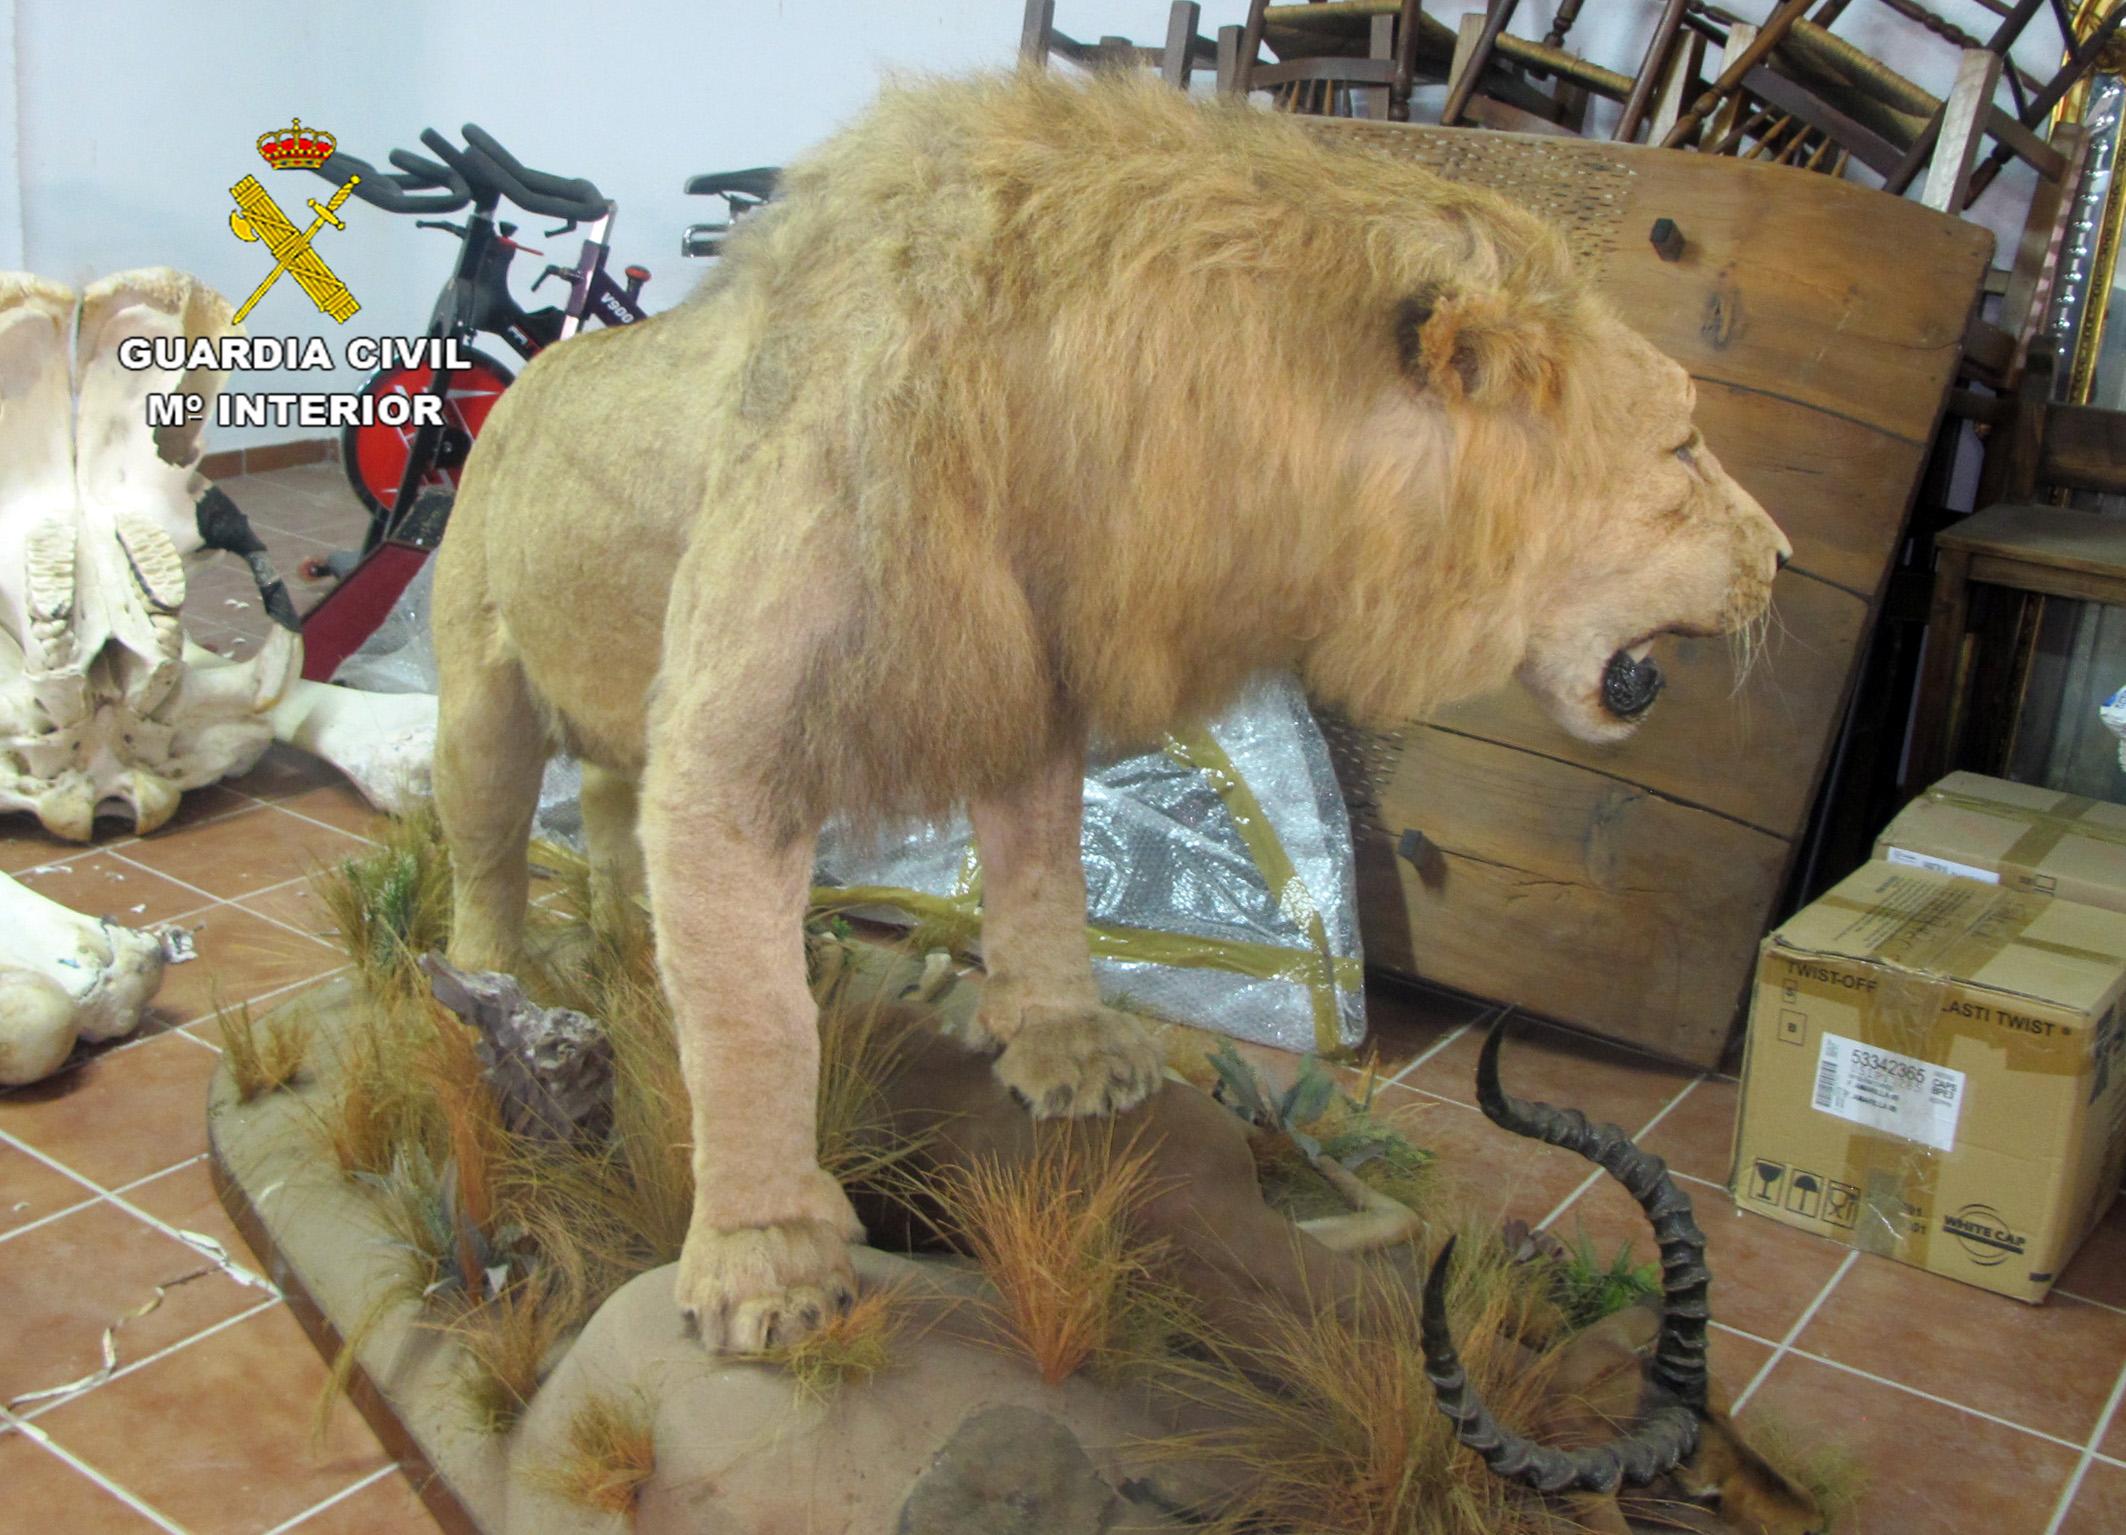 El león, visto desde atrás. Imagen: Seprona